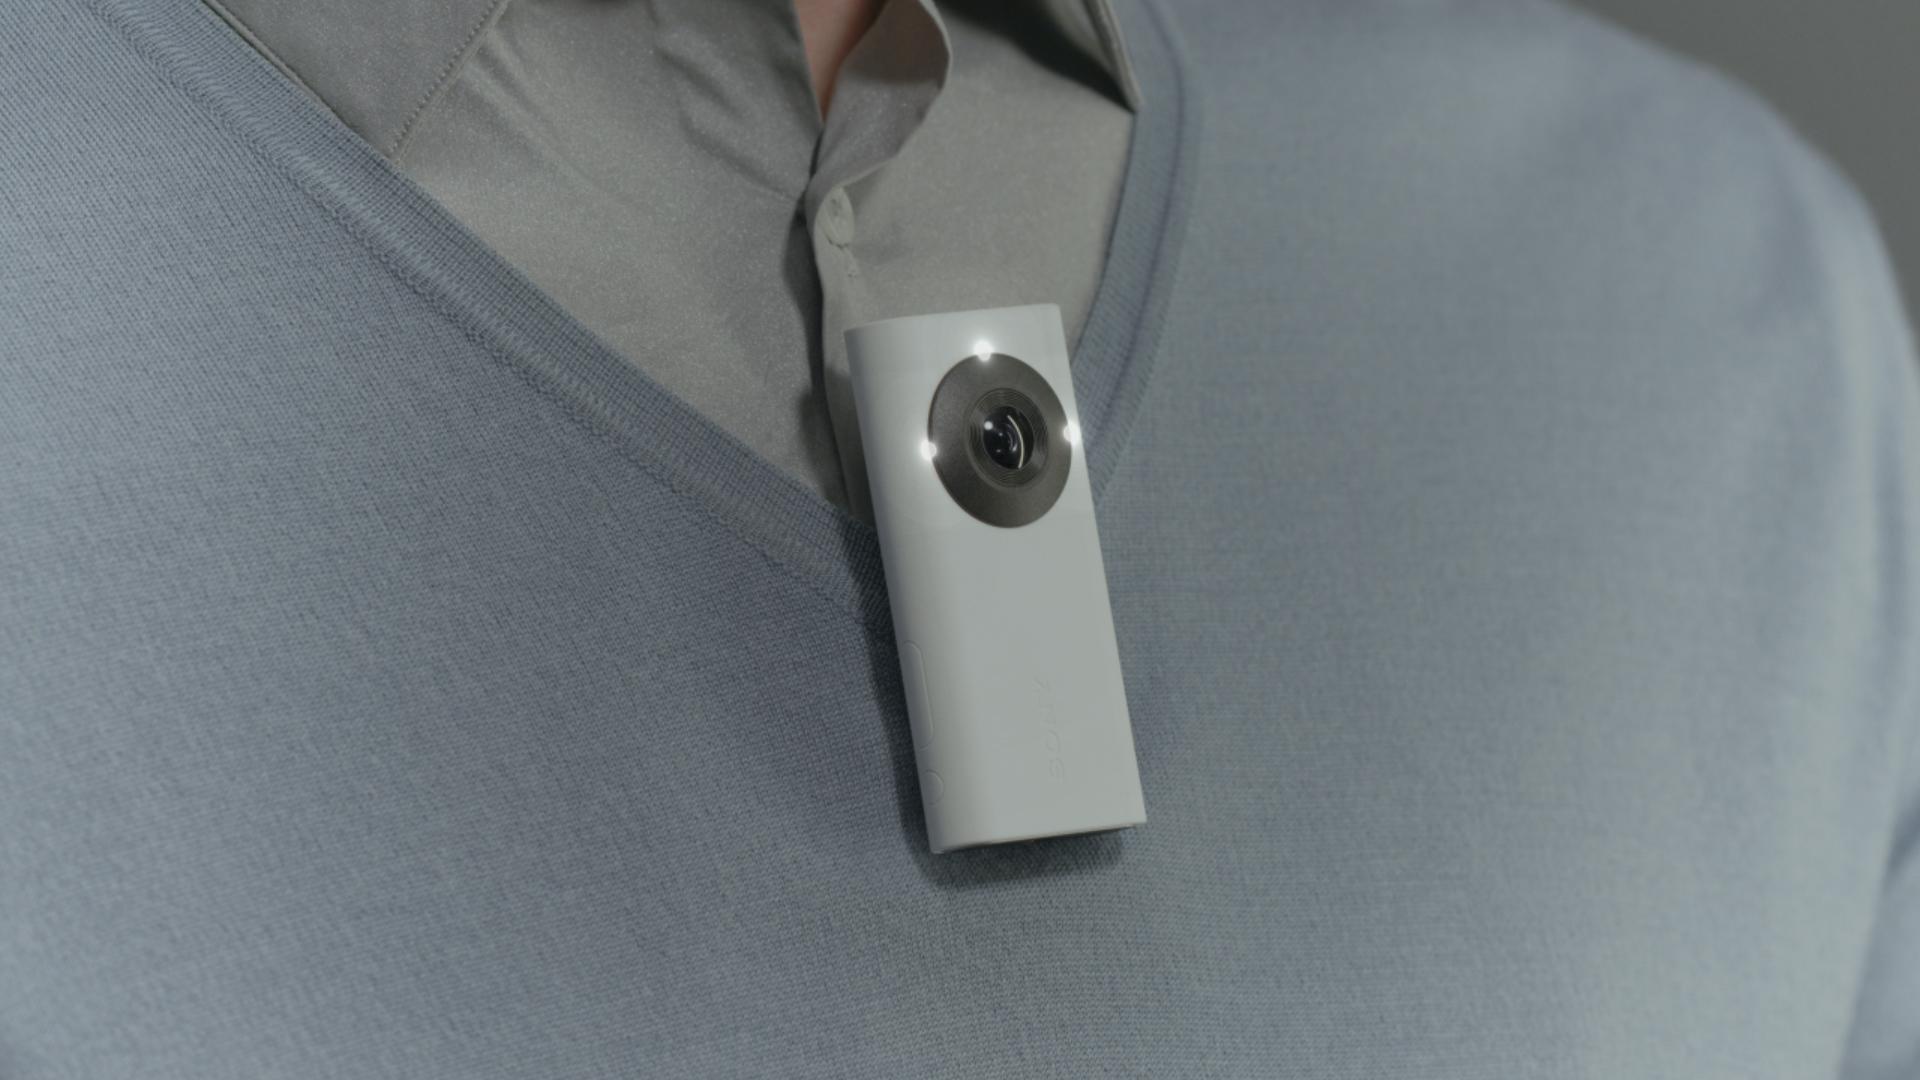 The Sony Xperia Eye